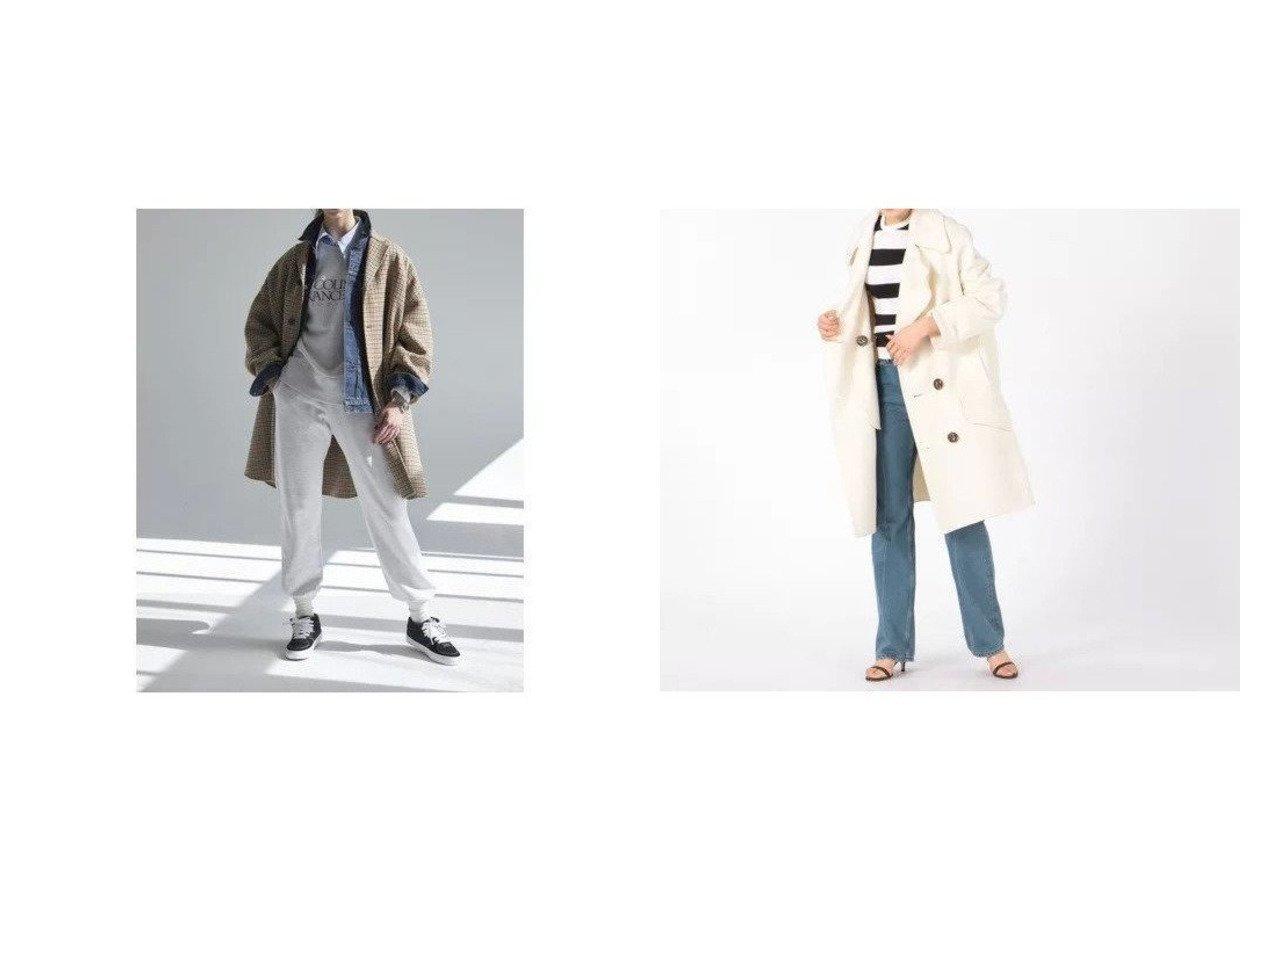 【MADISONBLUE/マディソンブルー】のRV BIG PEA CT BEAVER COAT&【Shinzone/シンゾーン】のCLUB COAT 【アウター】おすすめ!人気、トレンド・レディースファッションの通販 おすすめで人気の流行・トレンド、ファッションの通販商品 インテリア・家具・メンズファッション・キッズファッション・レディースファッション・服の通販 founy(ファニー) https://founy.com/ ファッション Fashion レディースファッション WOMEN アウター Coat Outerwear コート Coats チェスターコート Top Coat Pコート Pea Coats おすすめ Recommend クラシック ジャケット チェスターコート デニム ミドル ロング A/W・秋冬 AW・Autumn/Winter・FW・Fall-Winter ビッグ メルトン 定番 Standard  ID:crp329100000058147